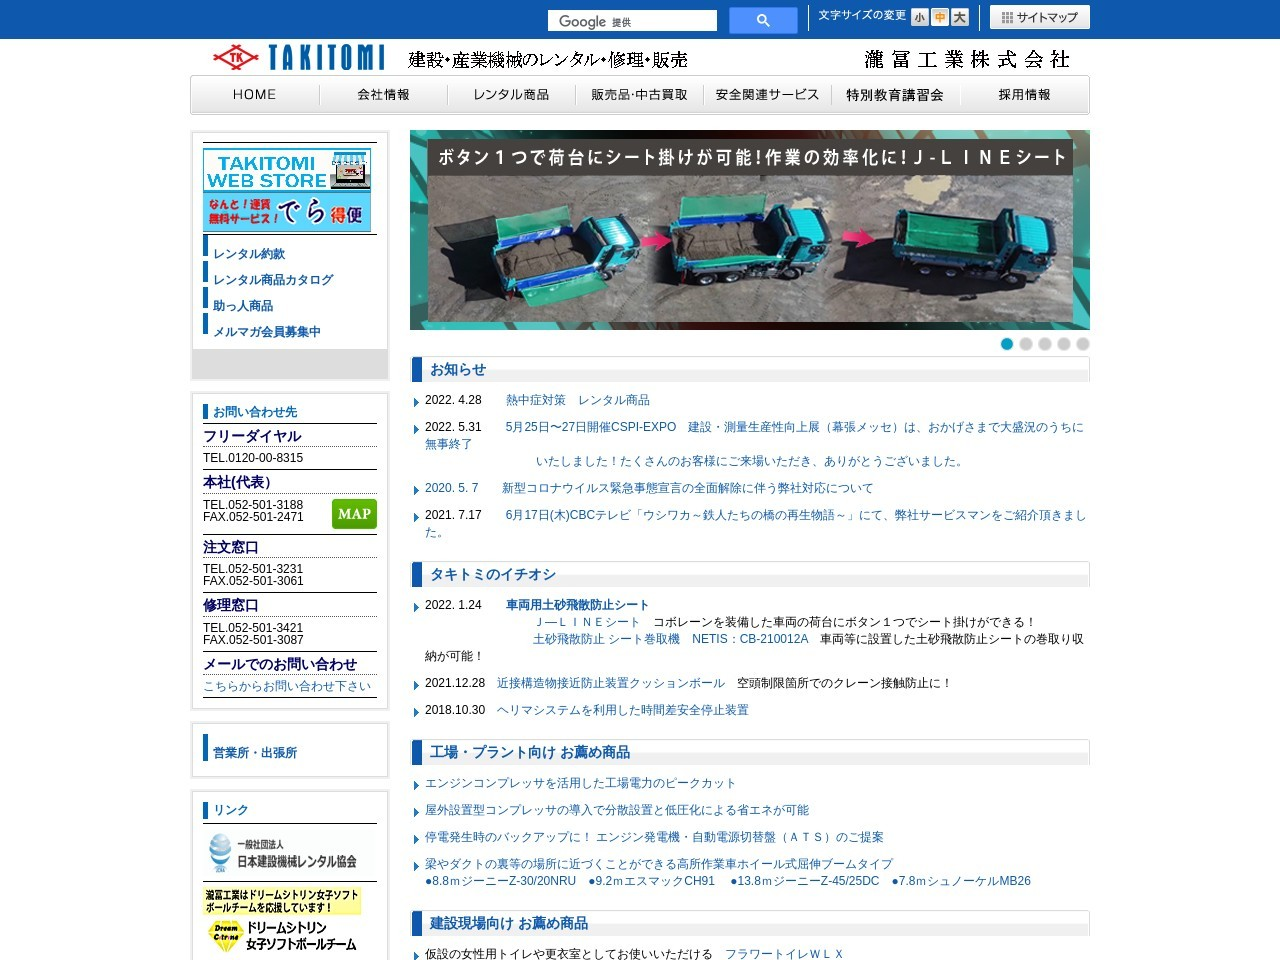 瀧冨工業株式会社飯田営業所